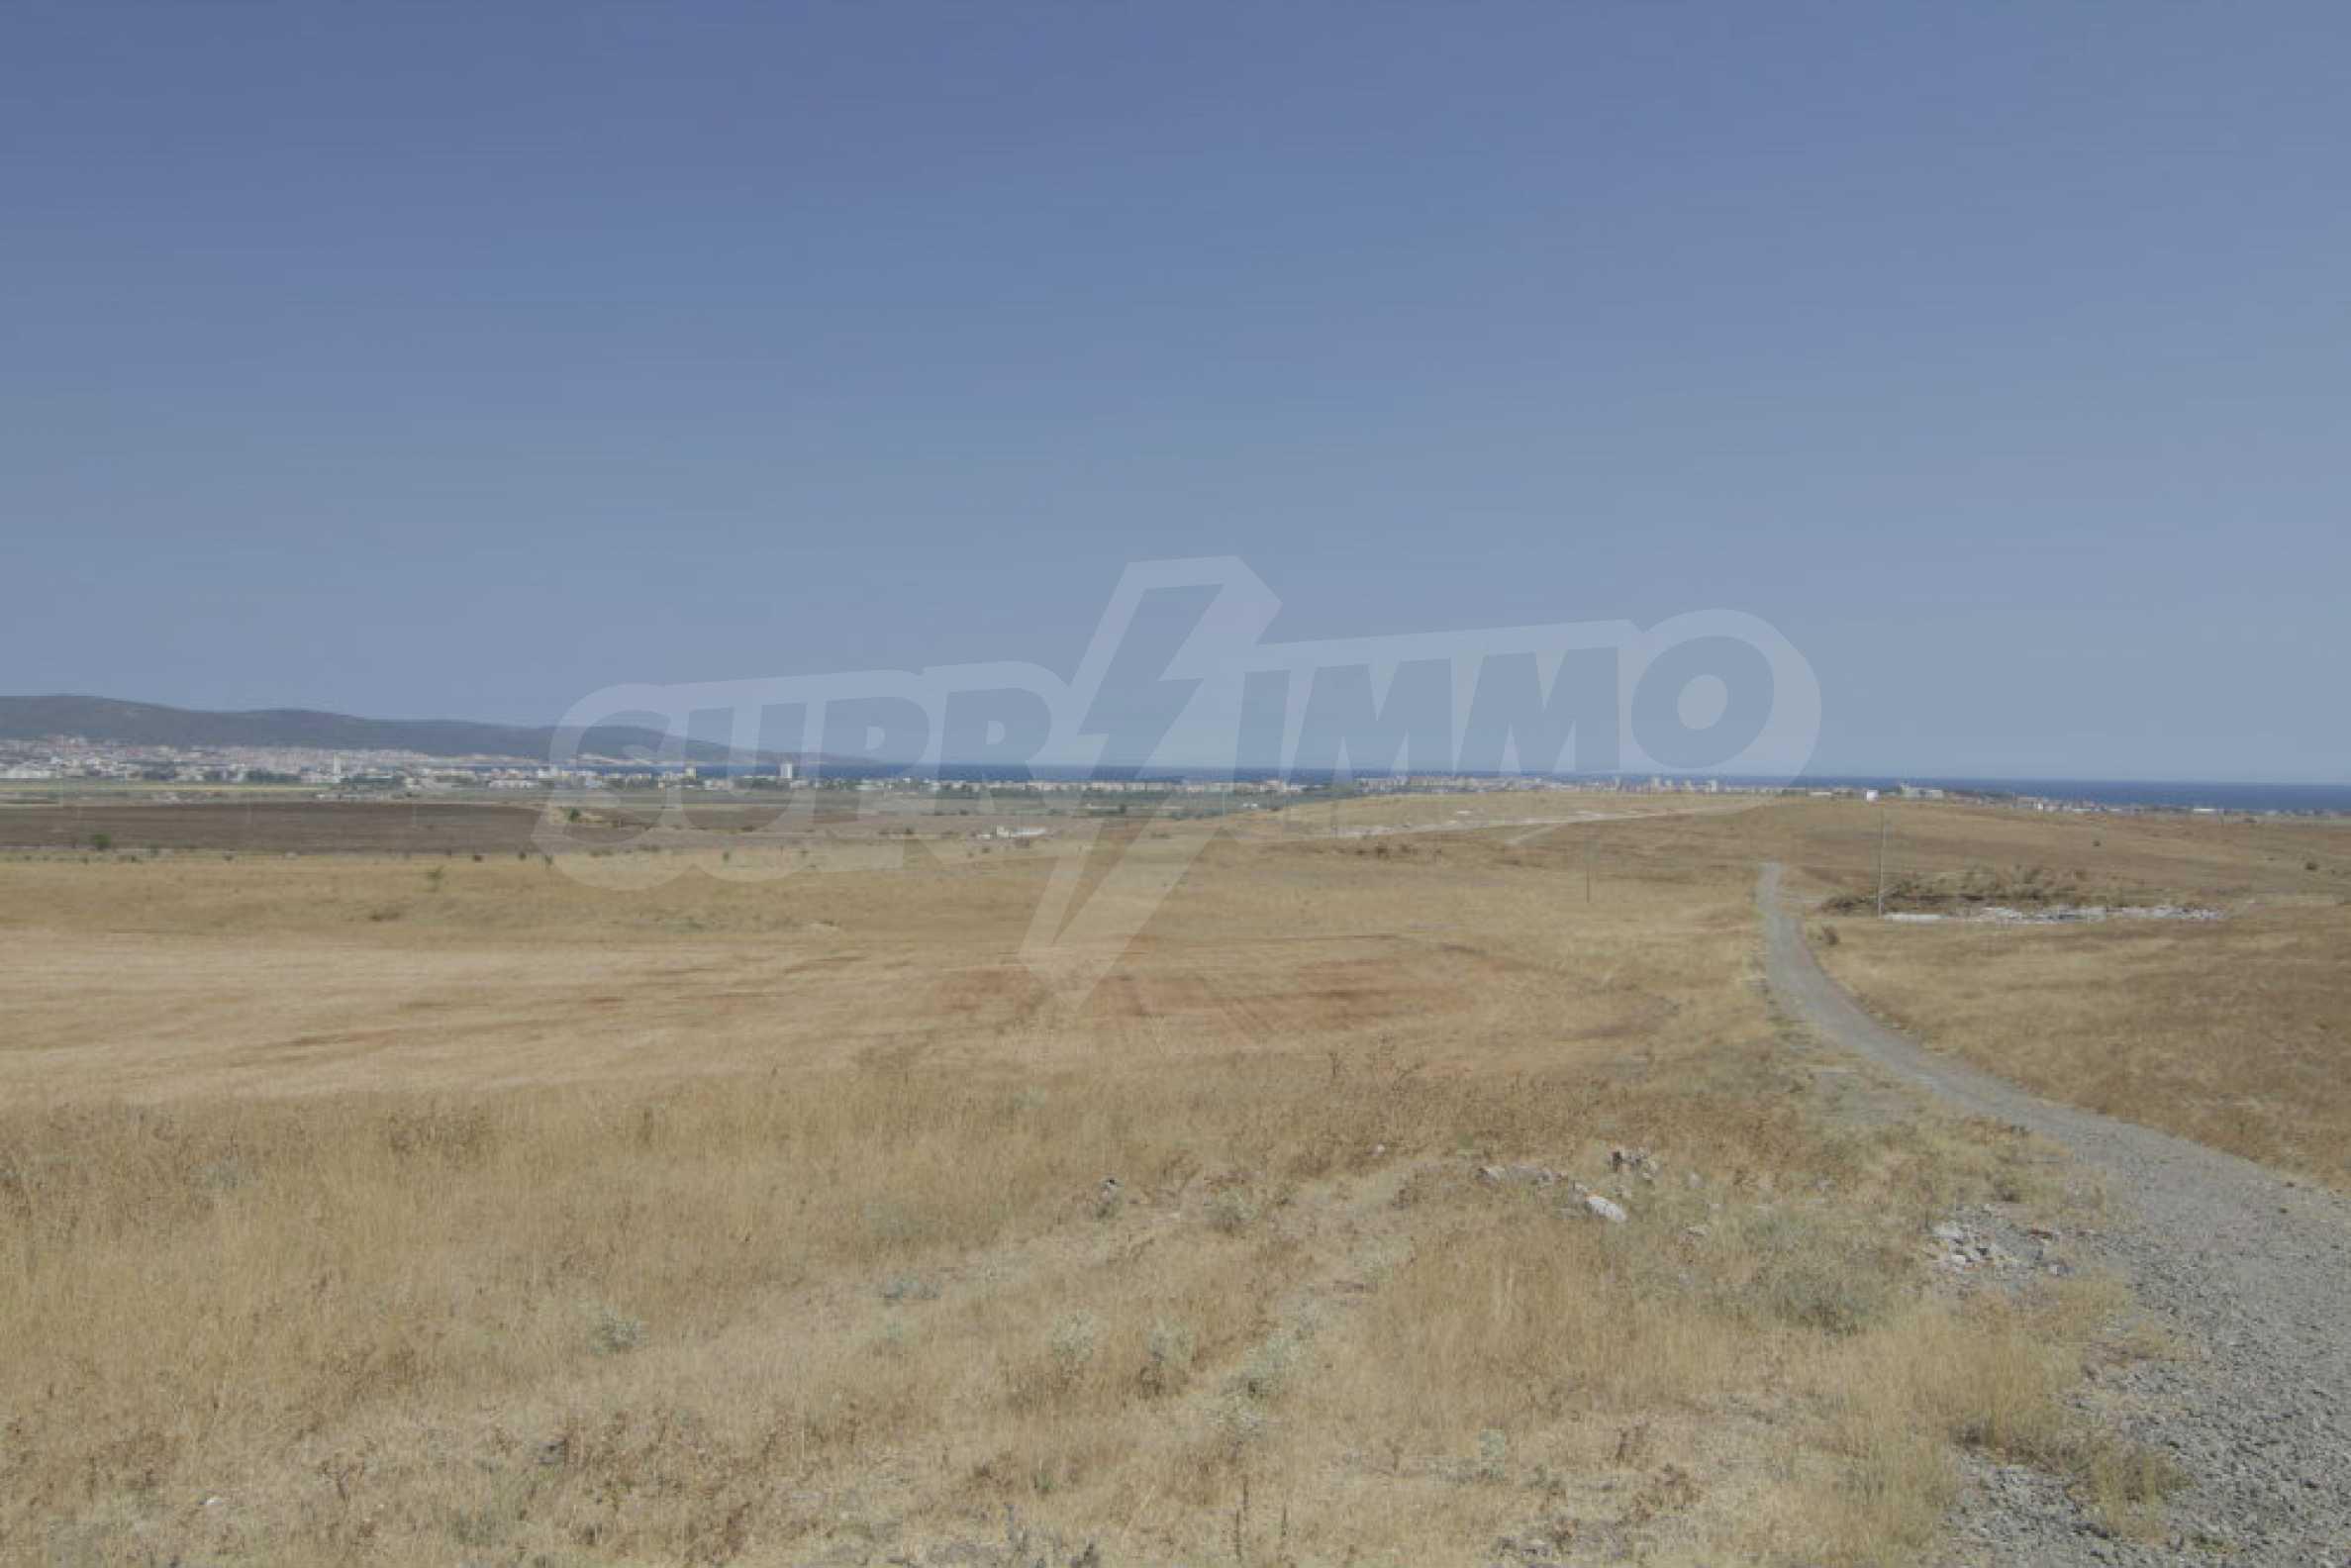 Attraktives Grundstück für Investieren in der Nähe des historischen Komplexes Aheloy 917 und Sonnenstrand, bei Tankowo und Aheloy 31